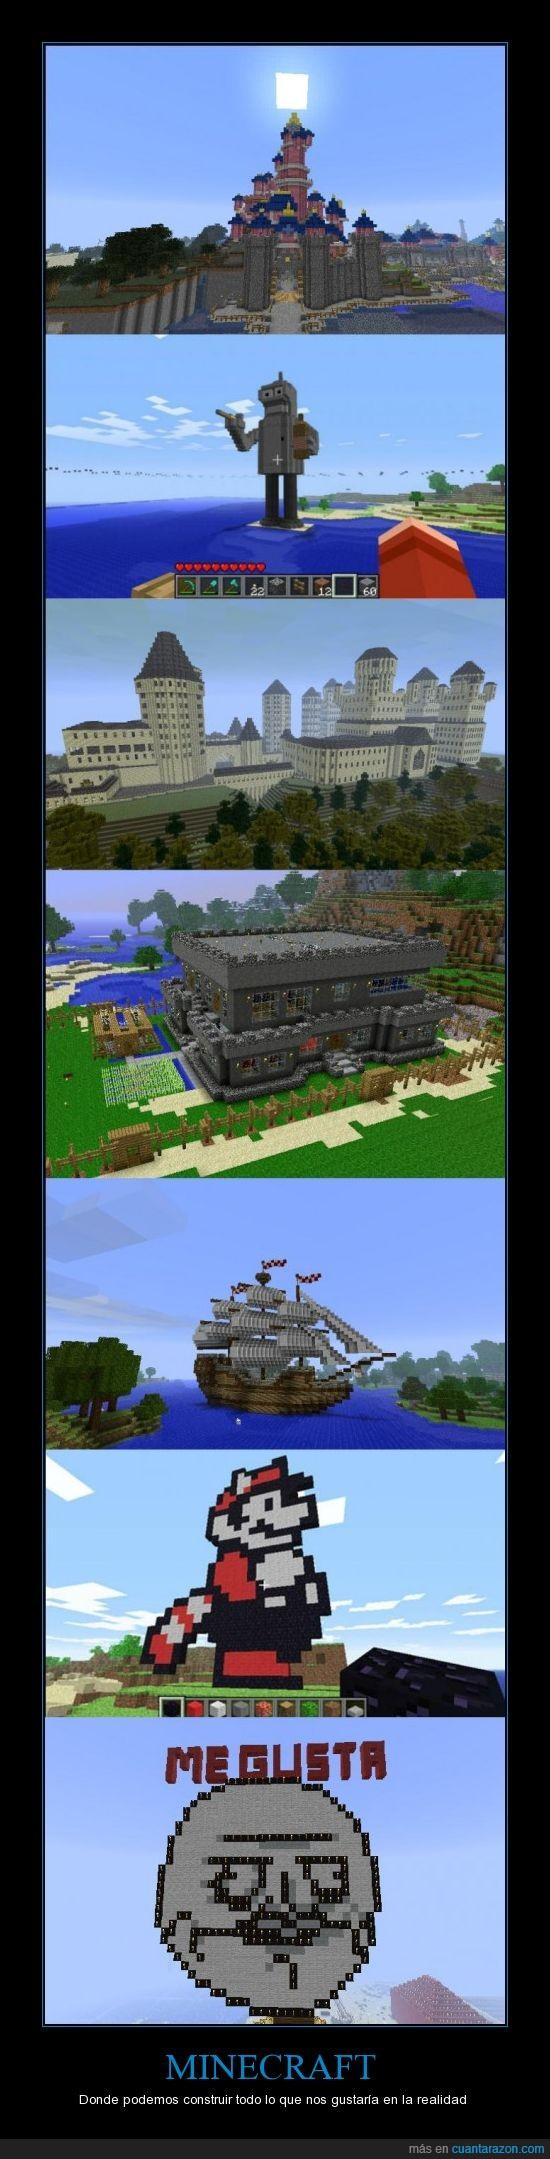 barco,construir,divertido,juego,mario,me gusta,minecraft,realidad